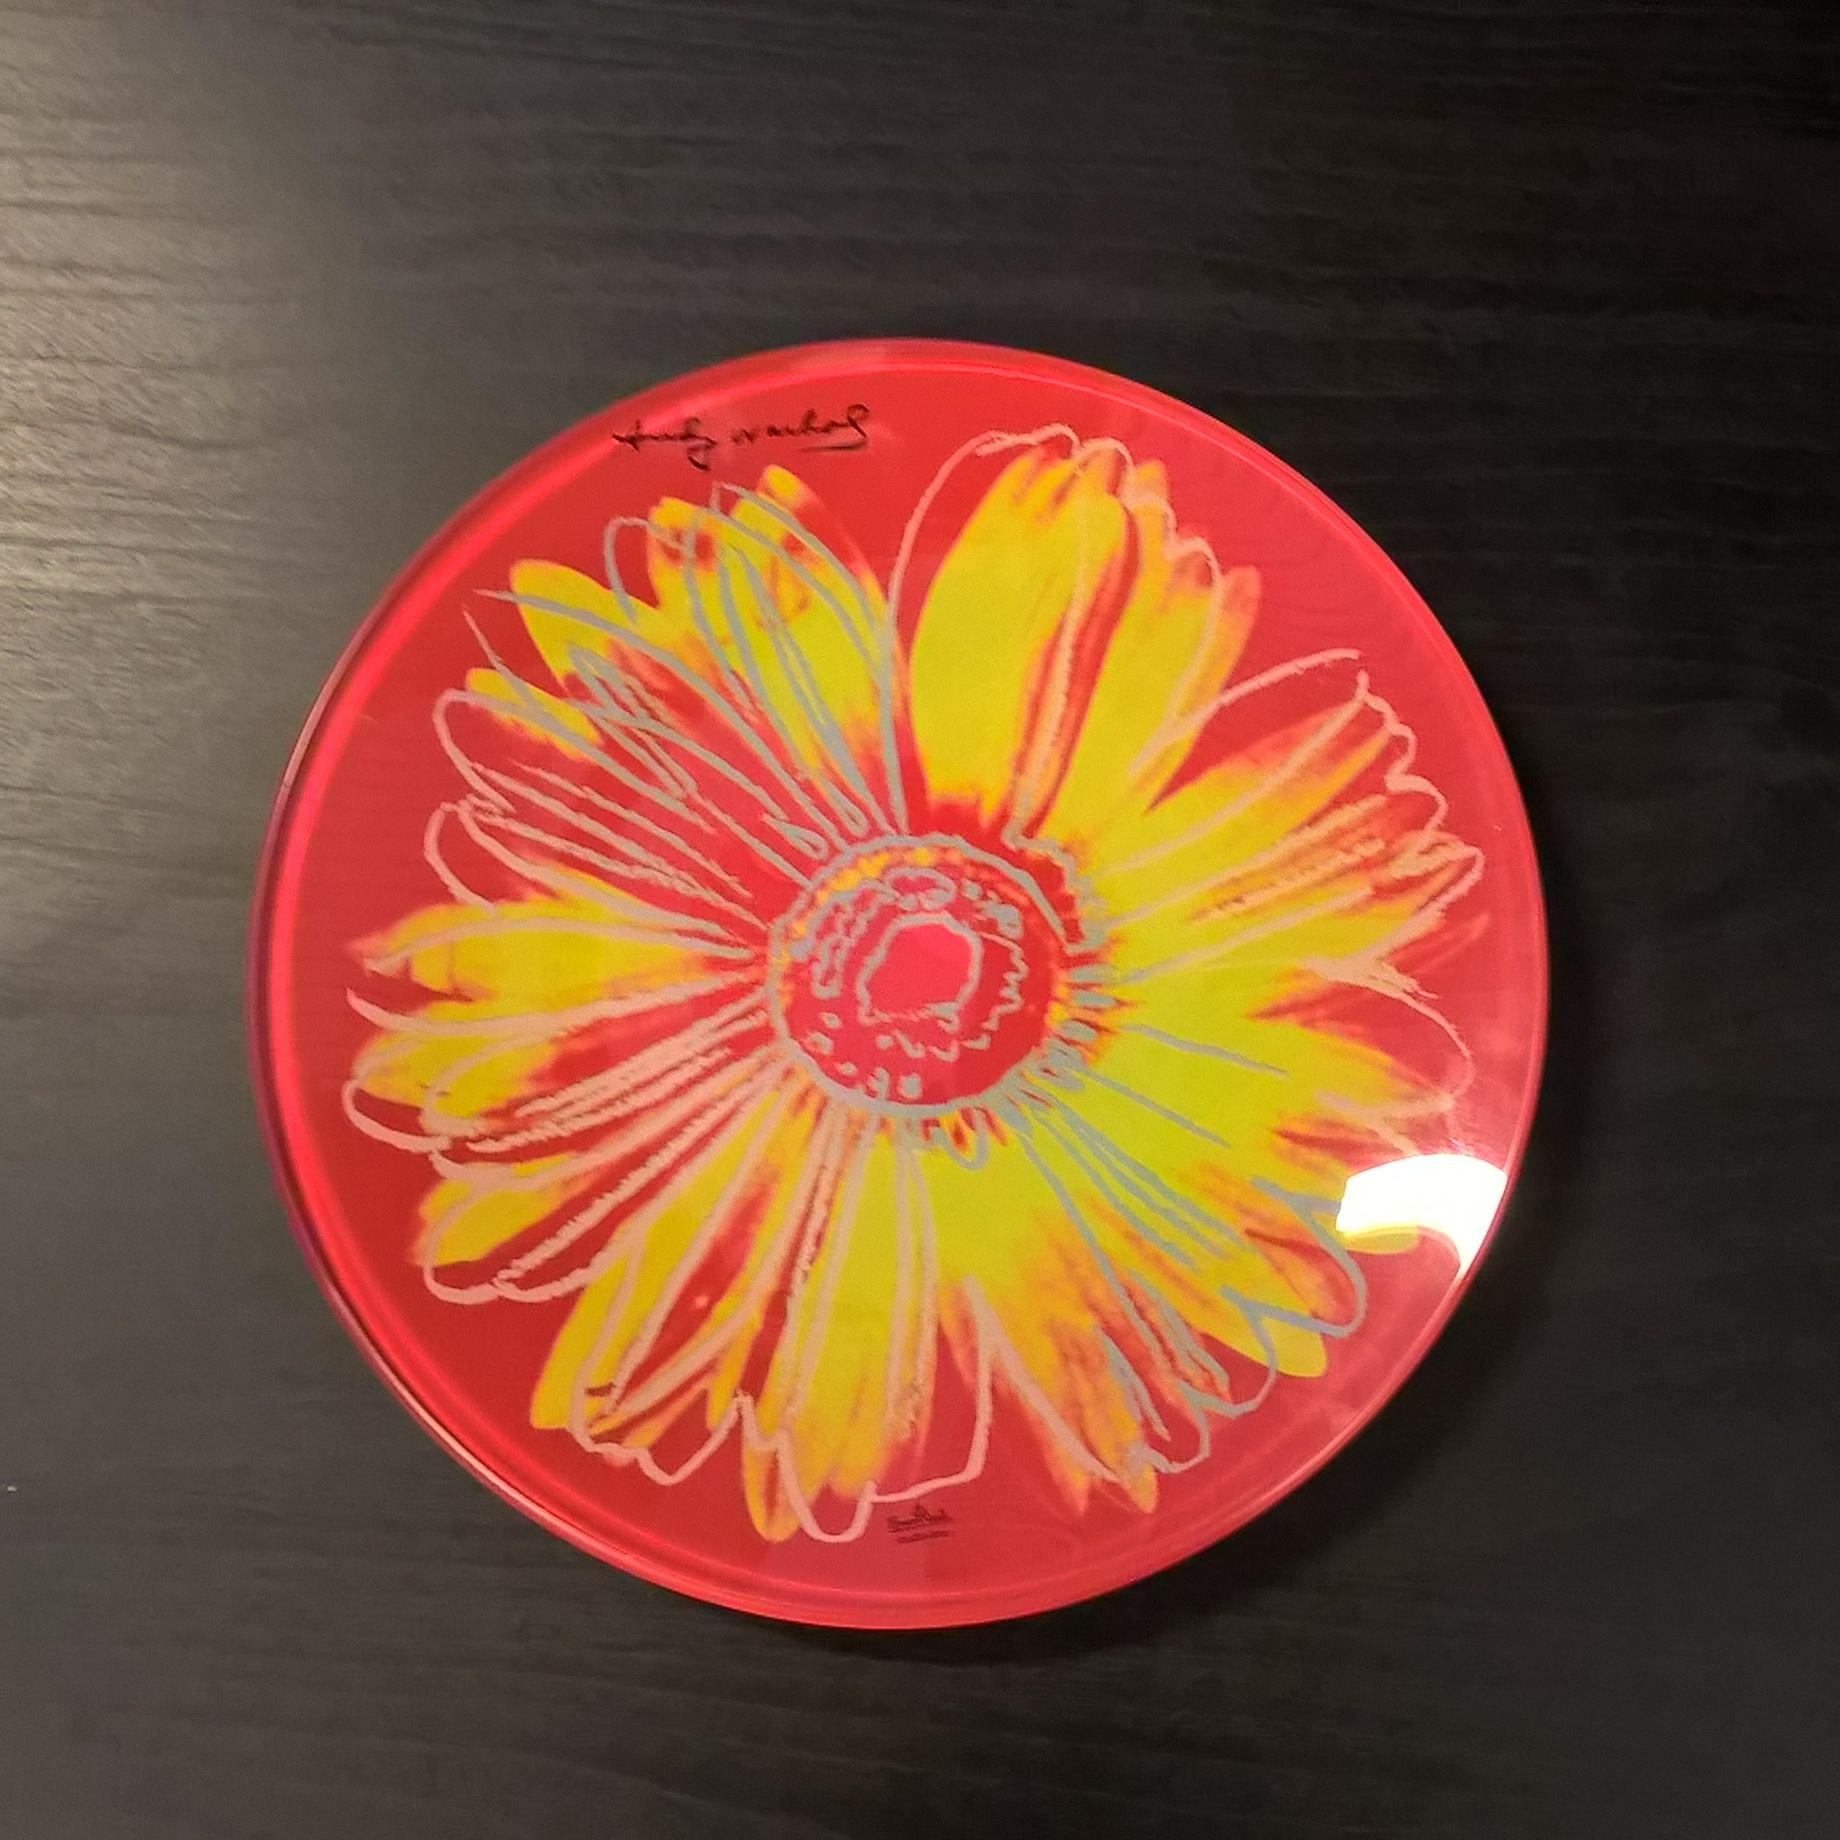 Серия Andy Warhol Хрусталь и стекло Rosenthal<br>Серия Andy Warhol Daisies Pink Тарелка<br>Размер: 20 см<br>Материал: стекло<br>Производитель: Rosenthal, Германия<br>